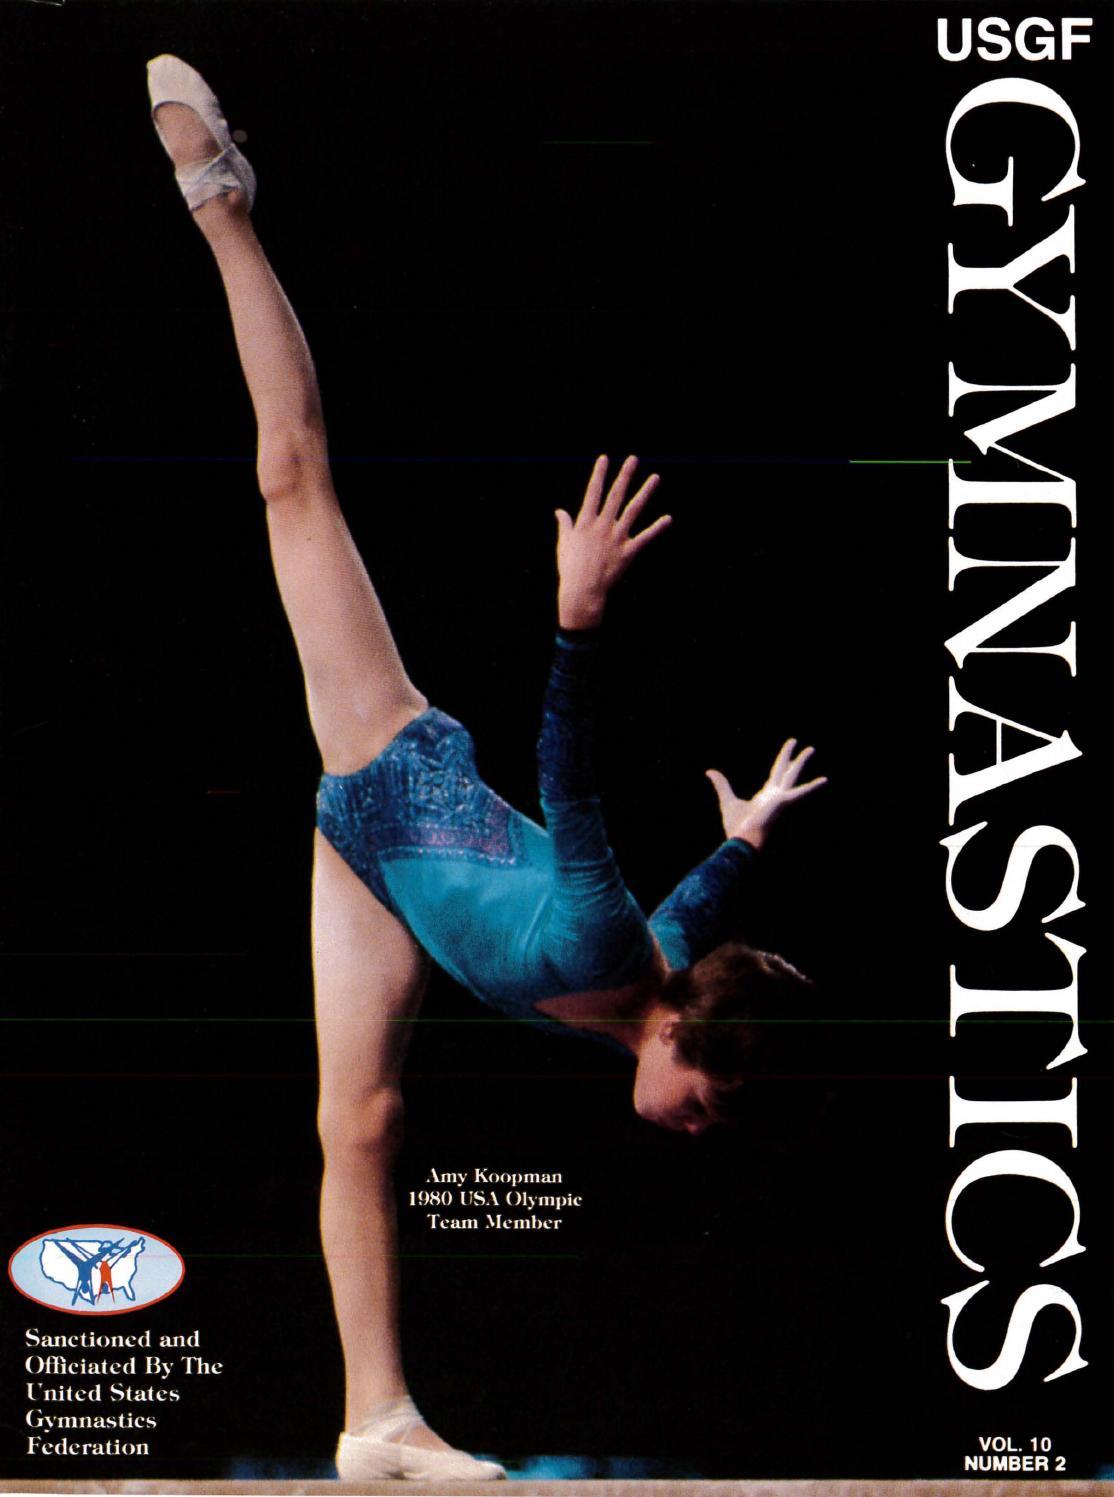 USGF Gymnastics - March/April 1981 by USA Gymnastics - issuu